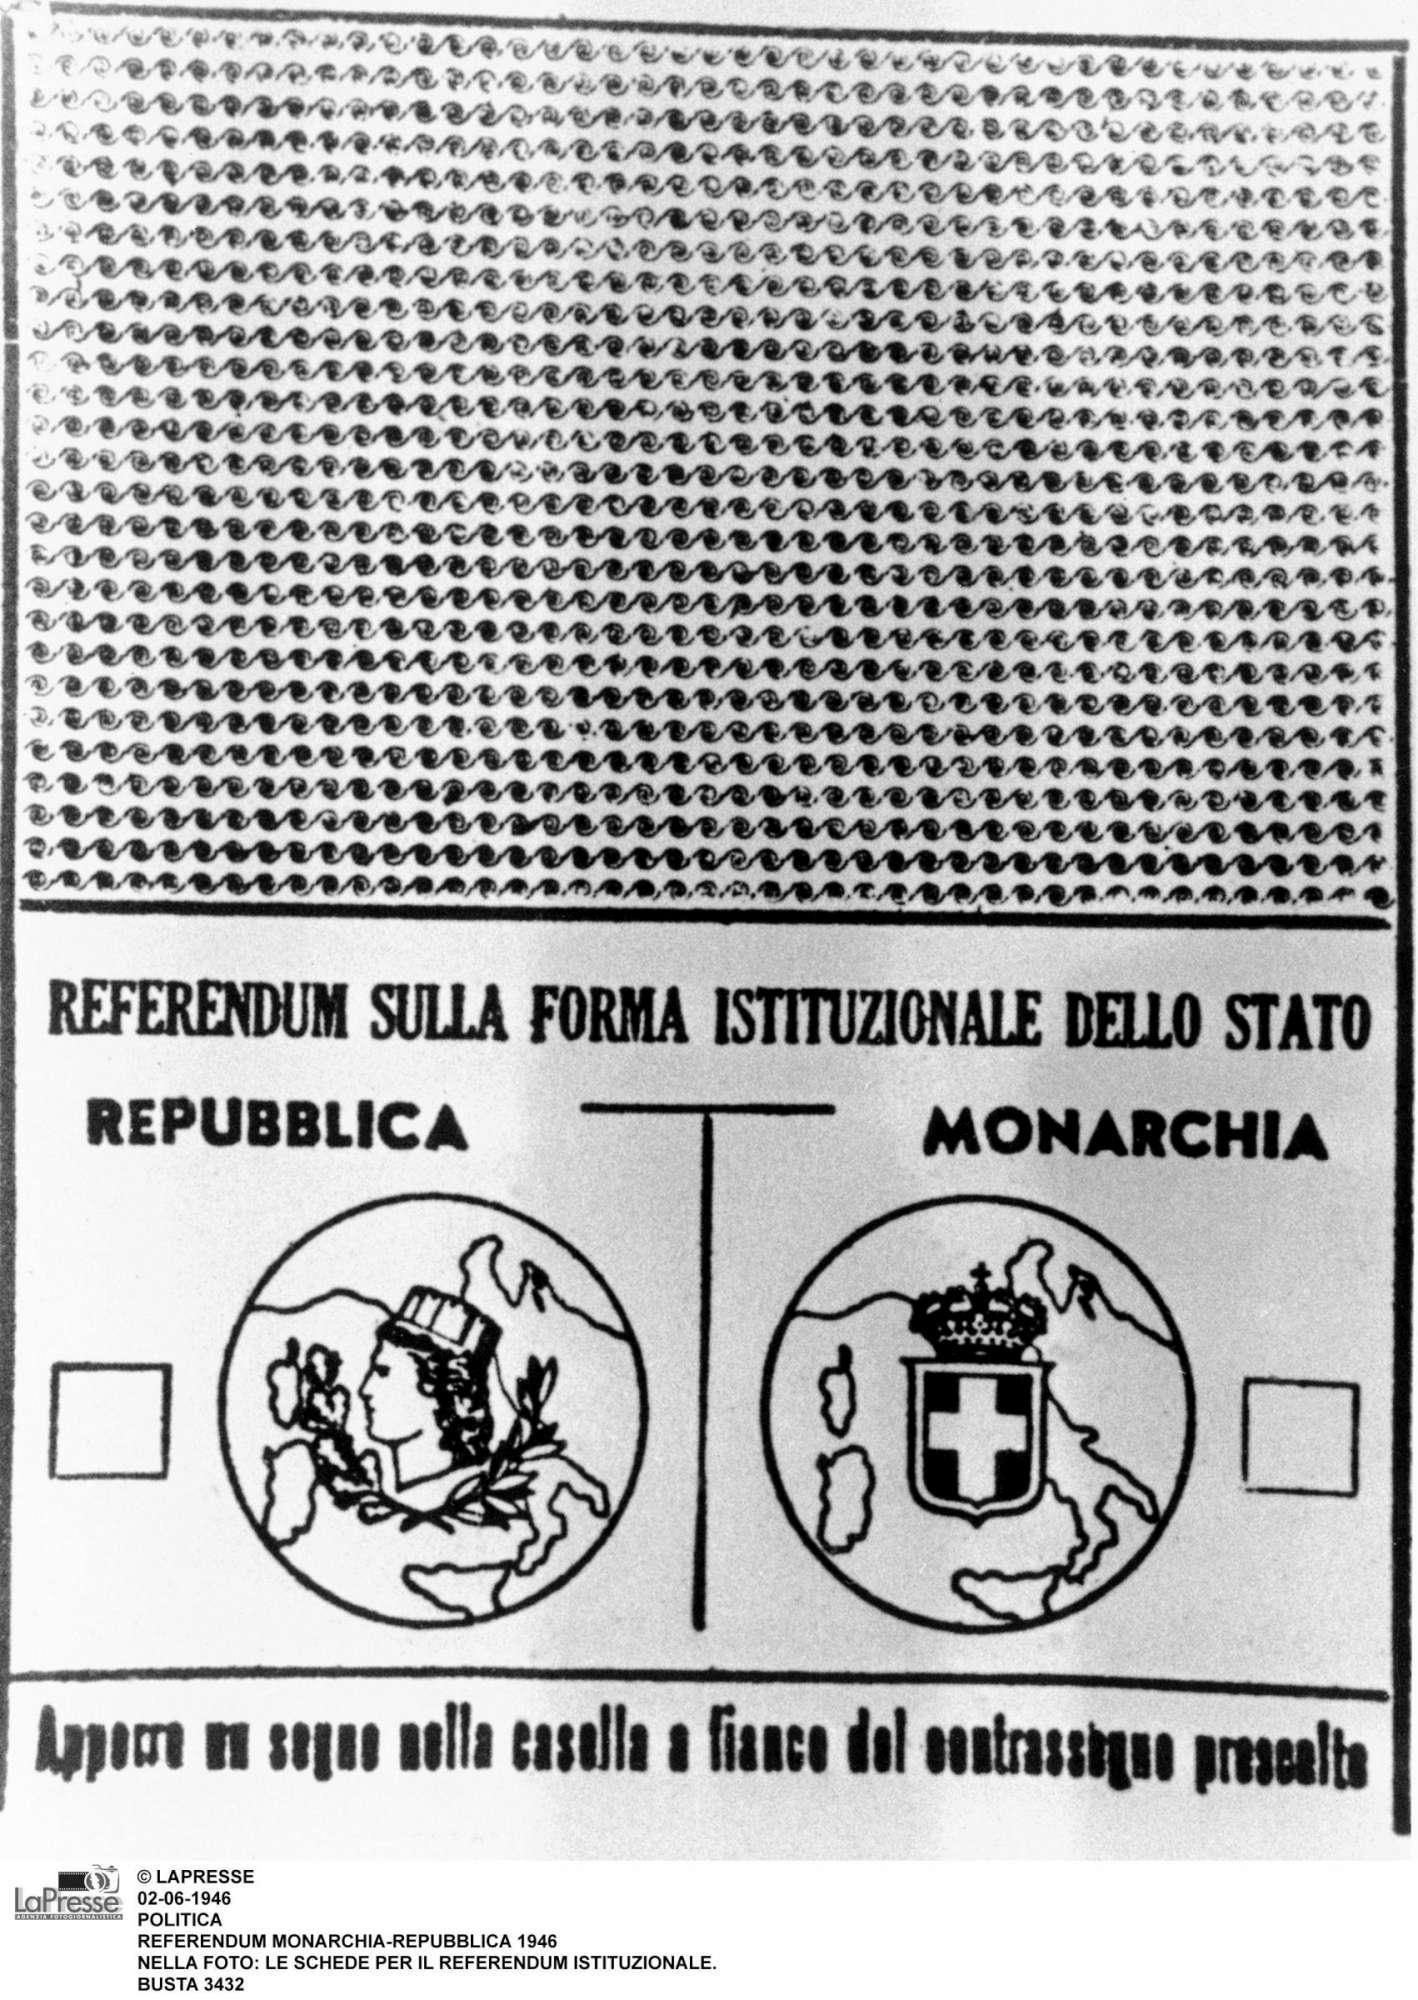 La Repubblica italiana compie 70 anni: il 2 giugno che cambiò la storia del nostro Paese